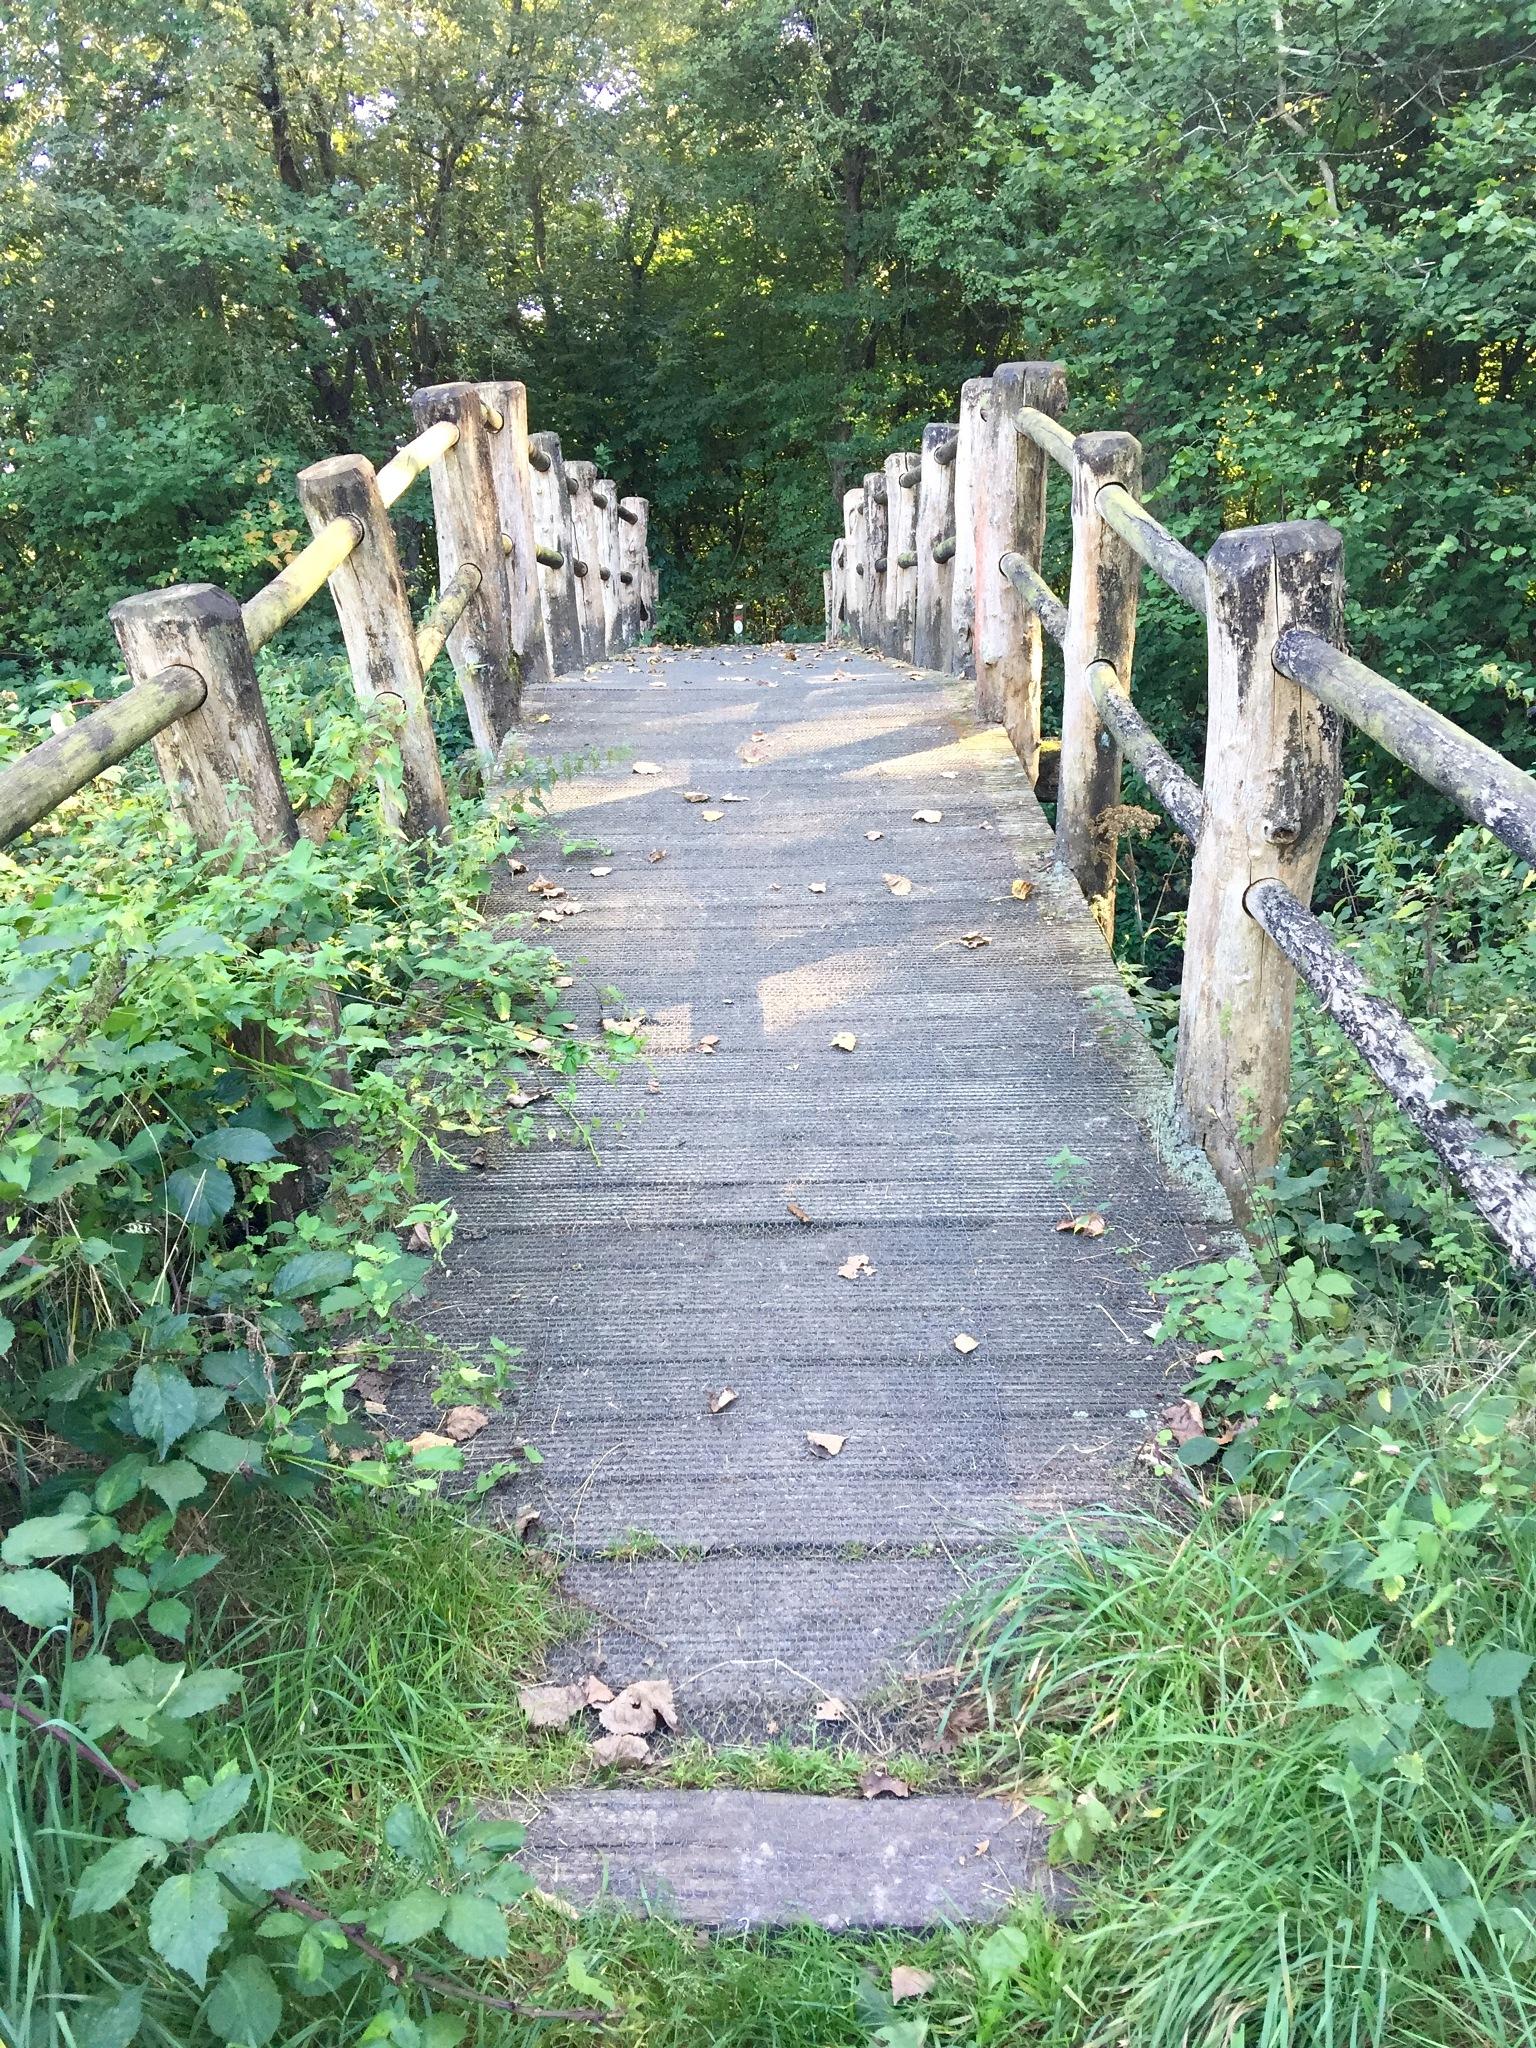 Bridge over troubled water  by Sonja Everstijn